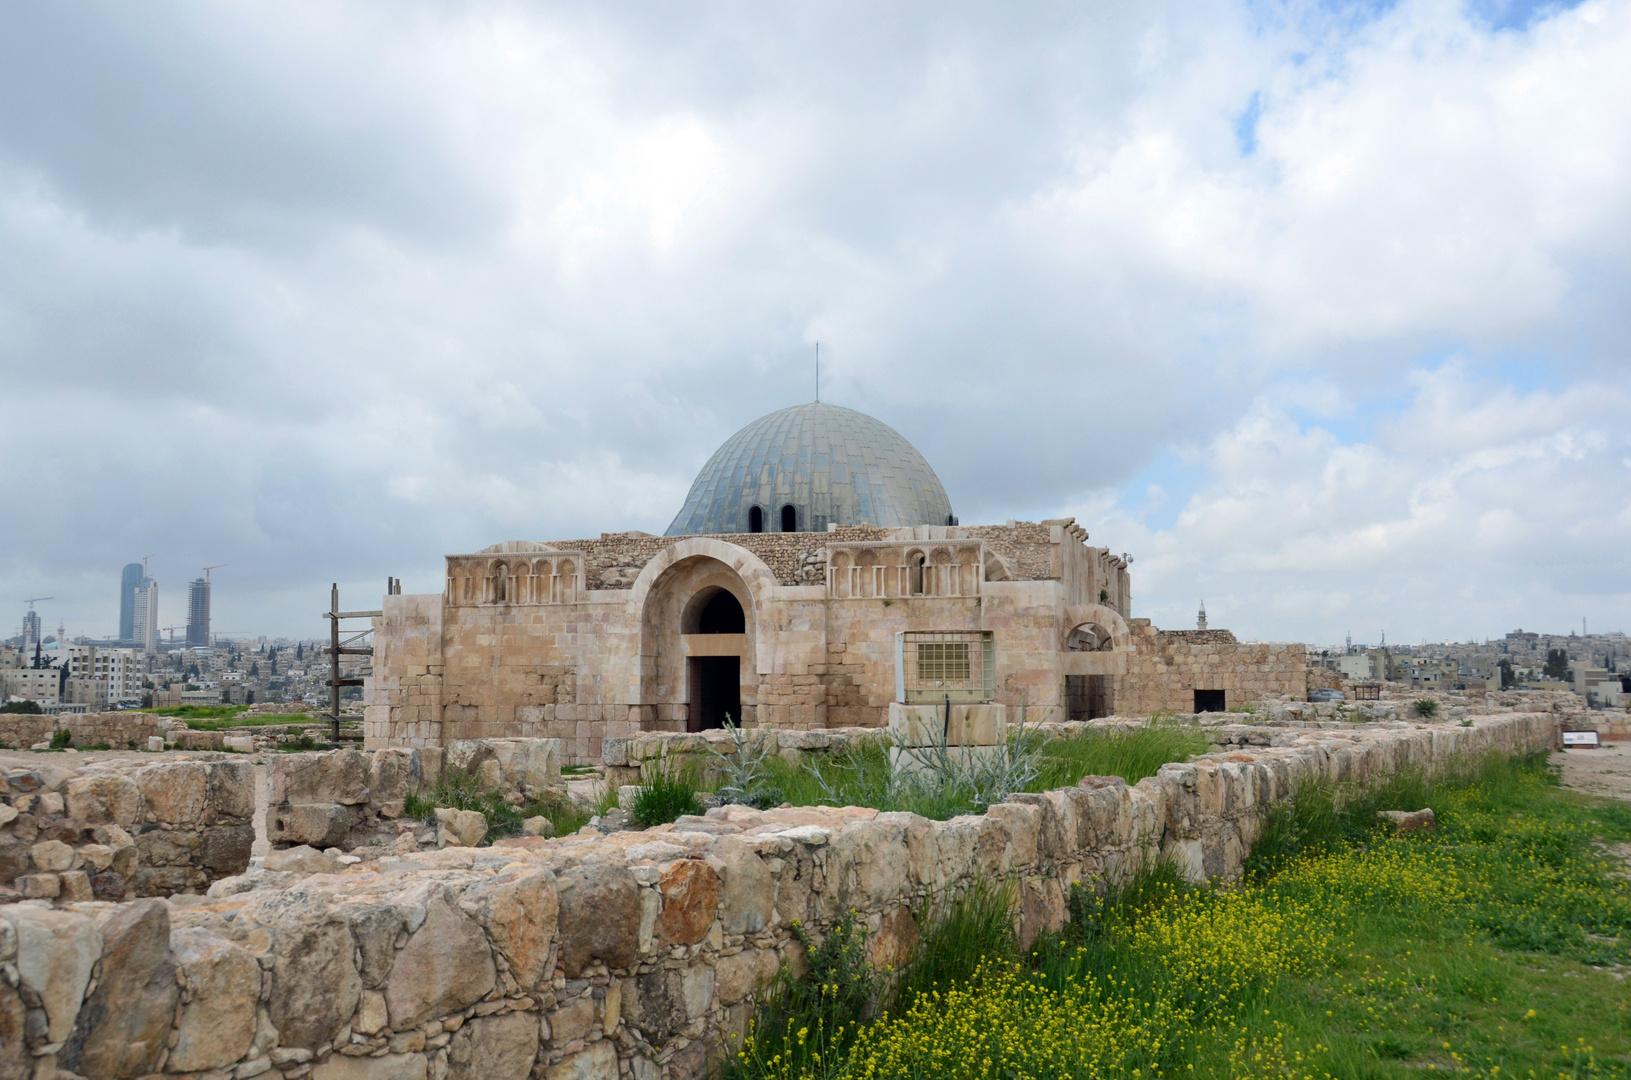 Auf der Zitadelle von Amman